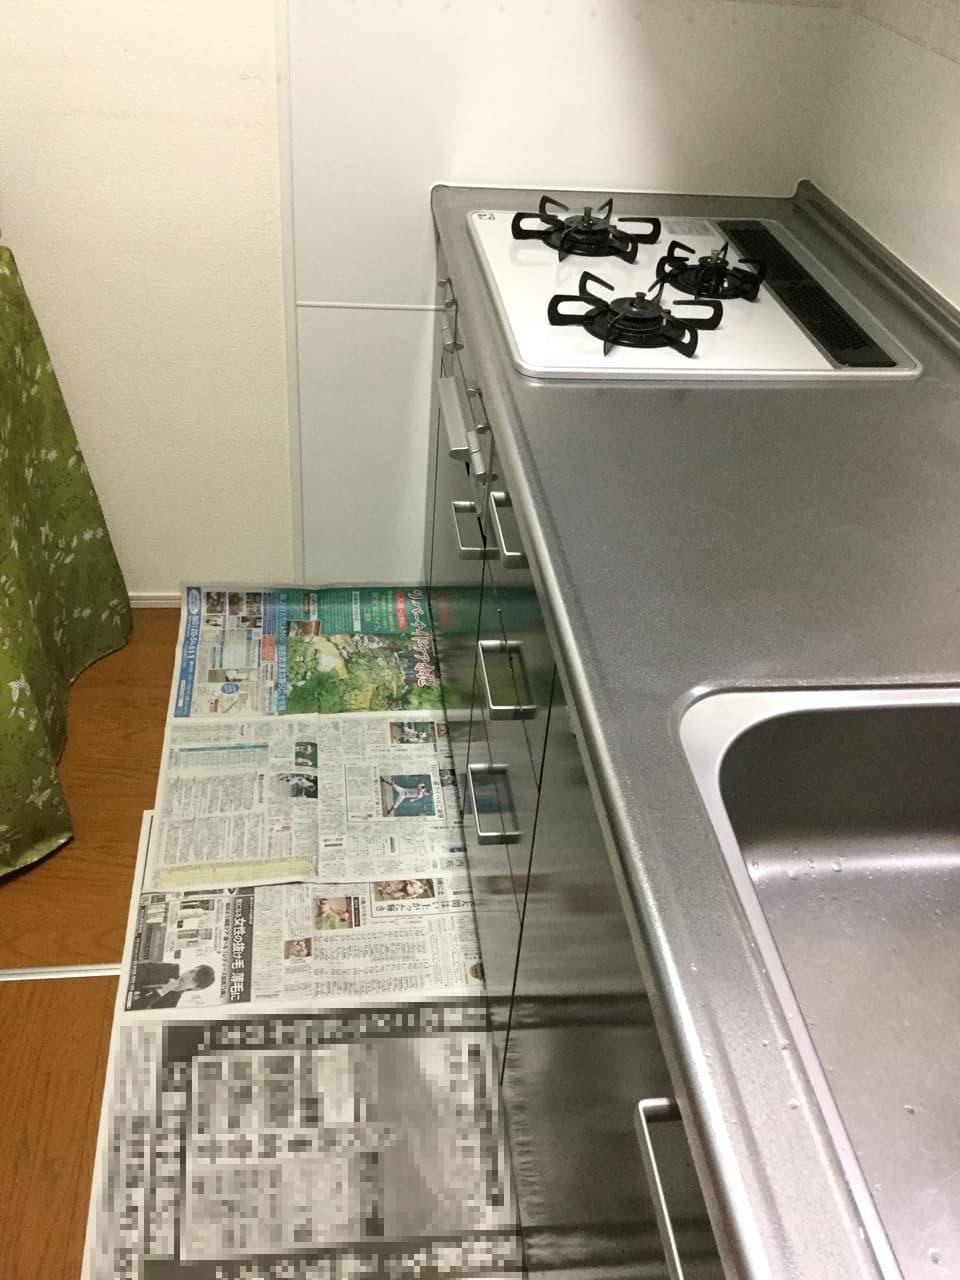 キッチンの床一面に新聞を敷いた様子